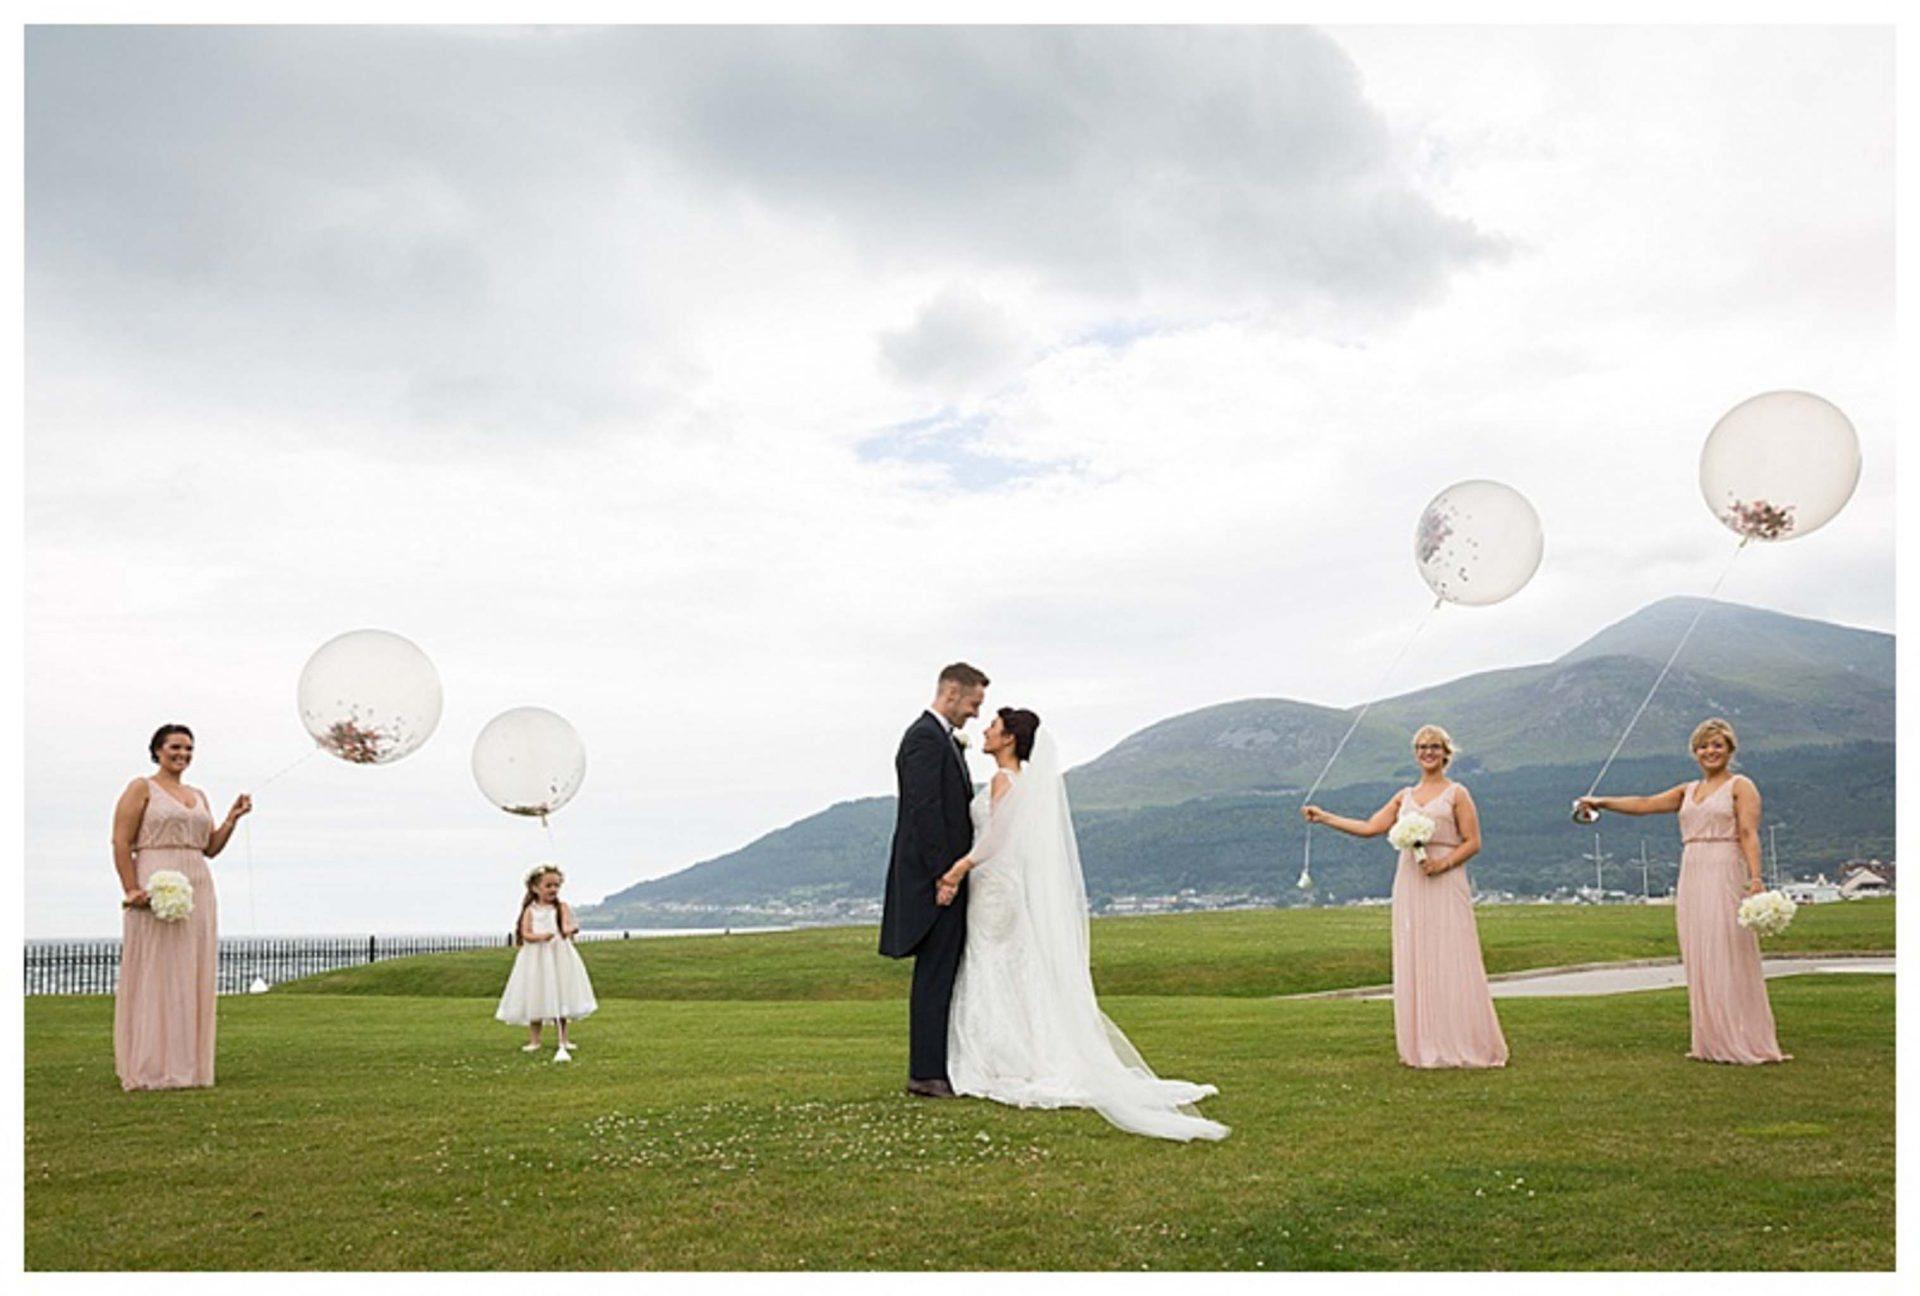 Slieve Donard Wedding Danielle & Glenn by Ricky Parker Photography-44